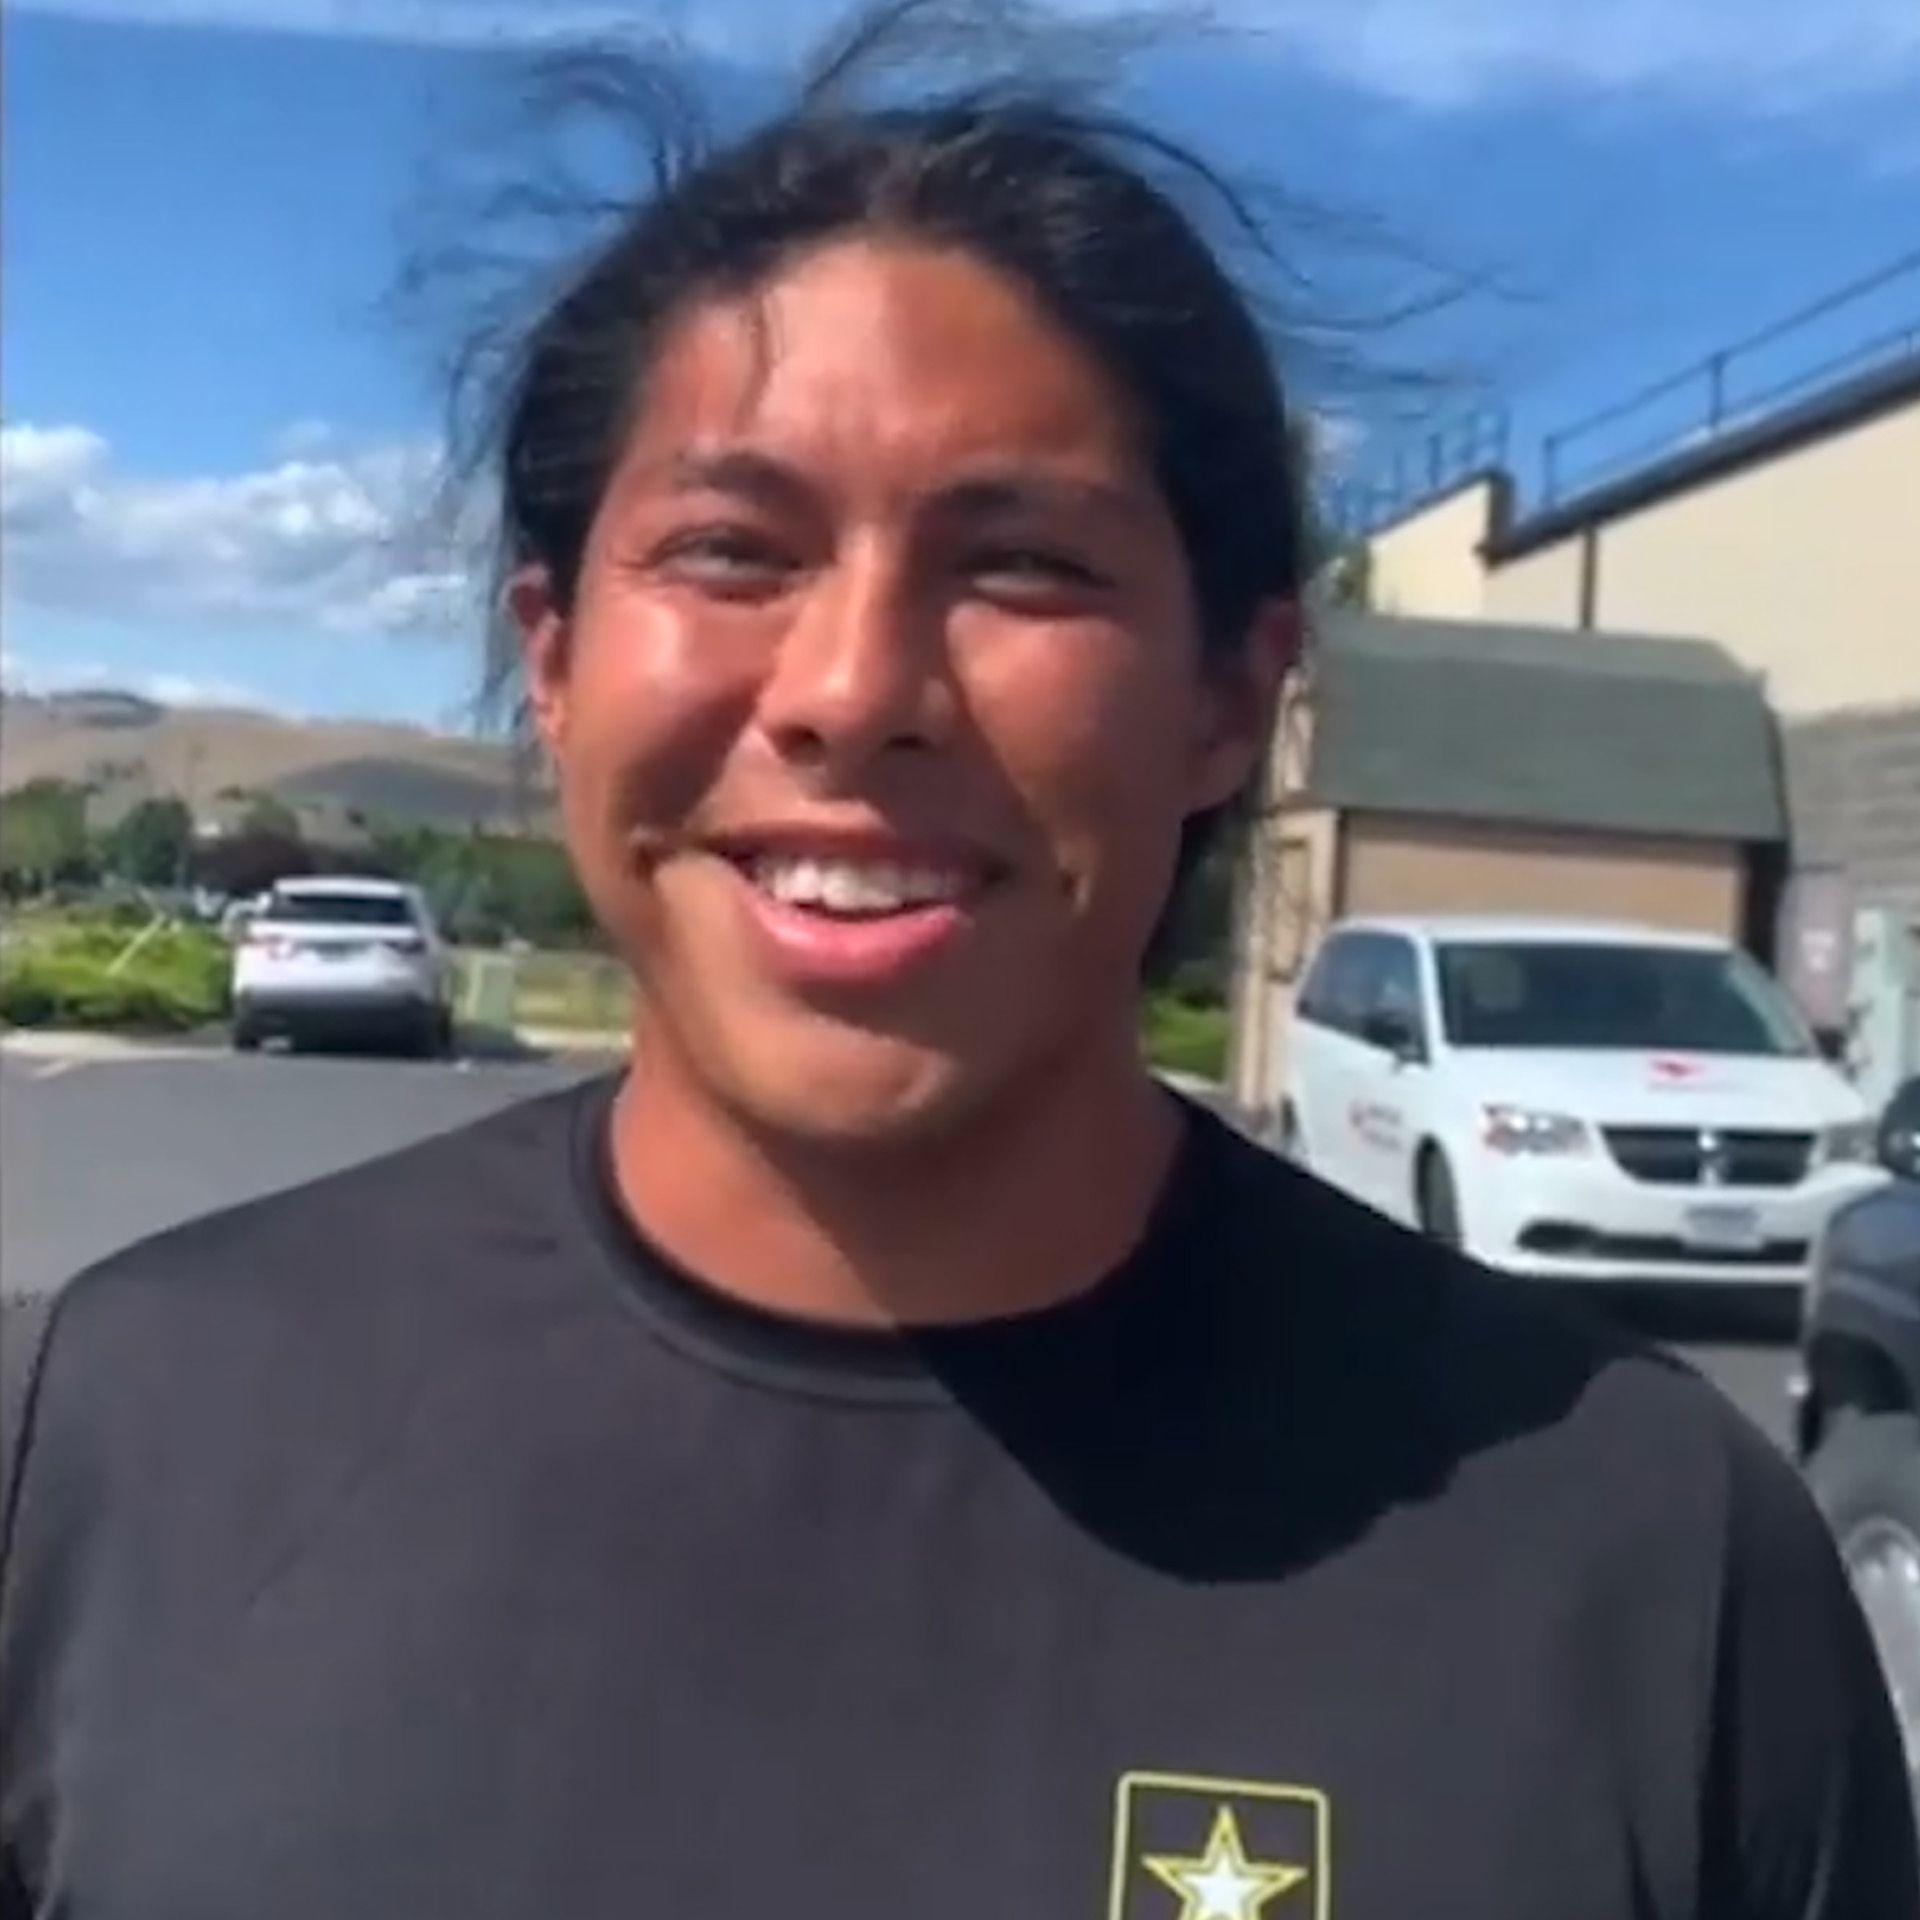 El joven viajó casi 1.500 kilómetros desde su California natal hasta Montana para poder unirse al Ejército(Foto: Salt Lake City Army Recruiting Battalion)